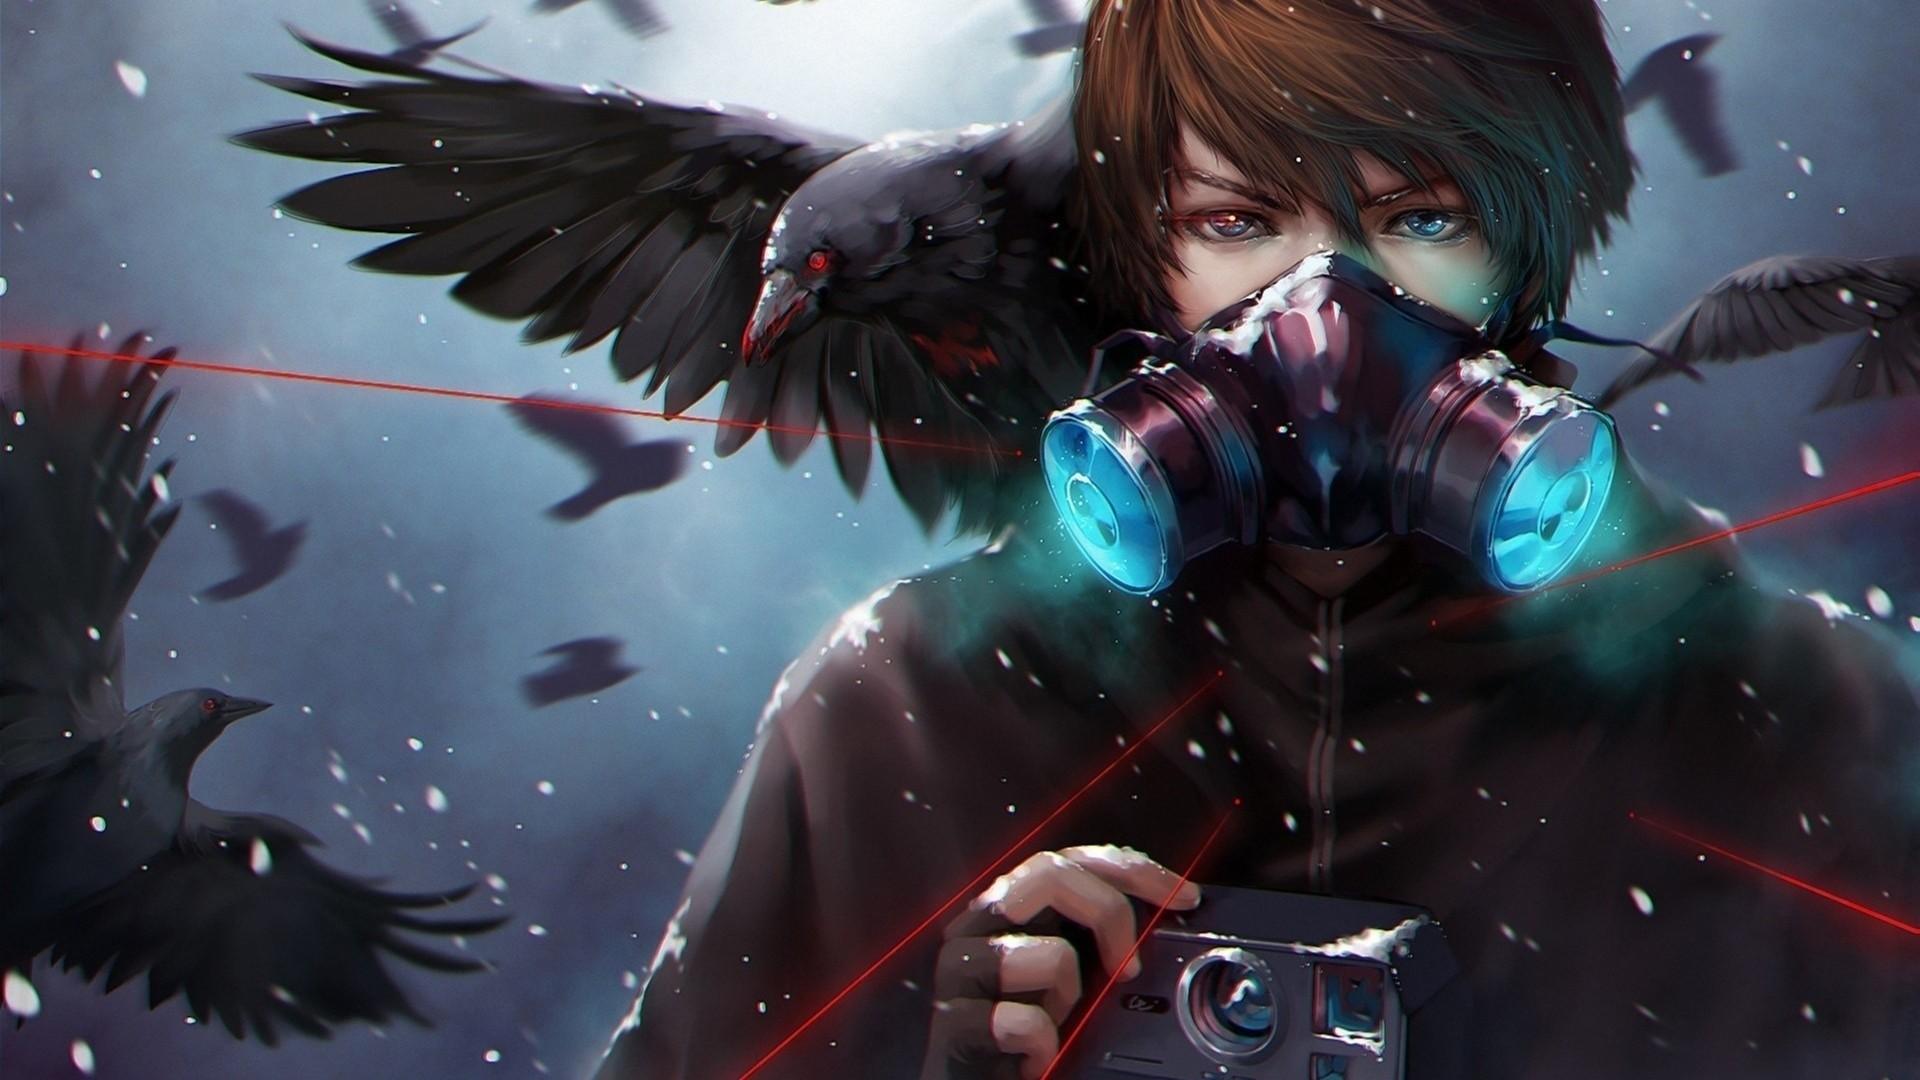 Anime Fanart Background